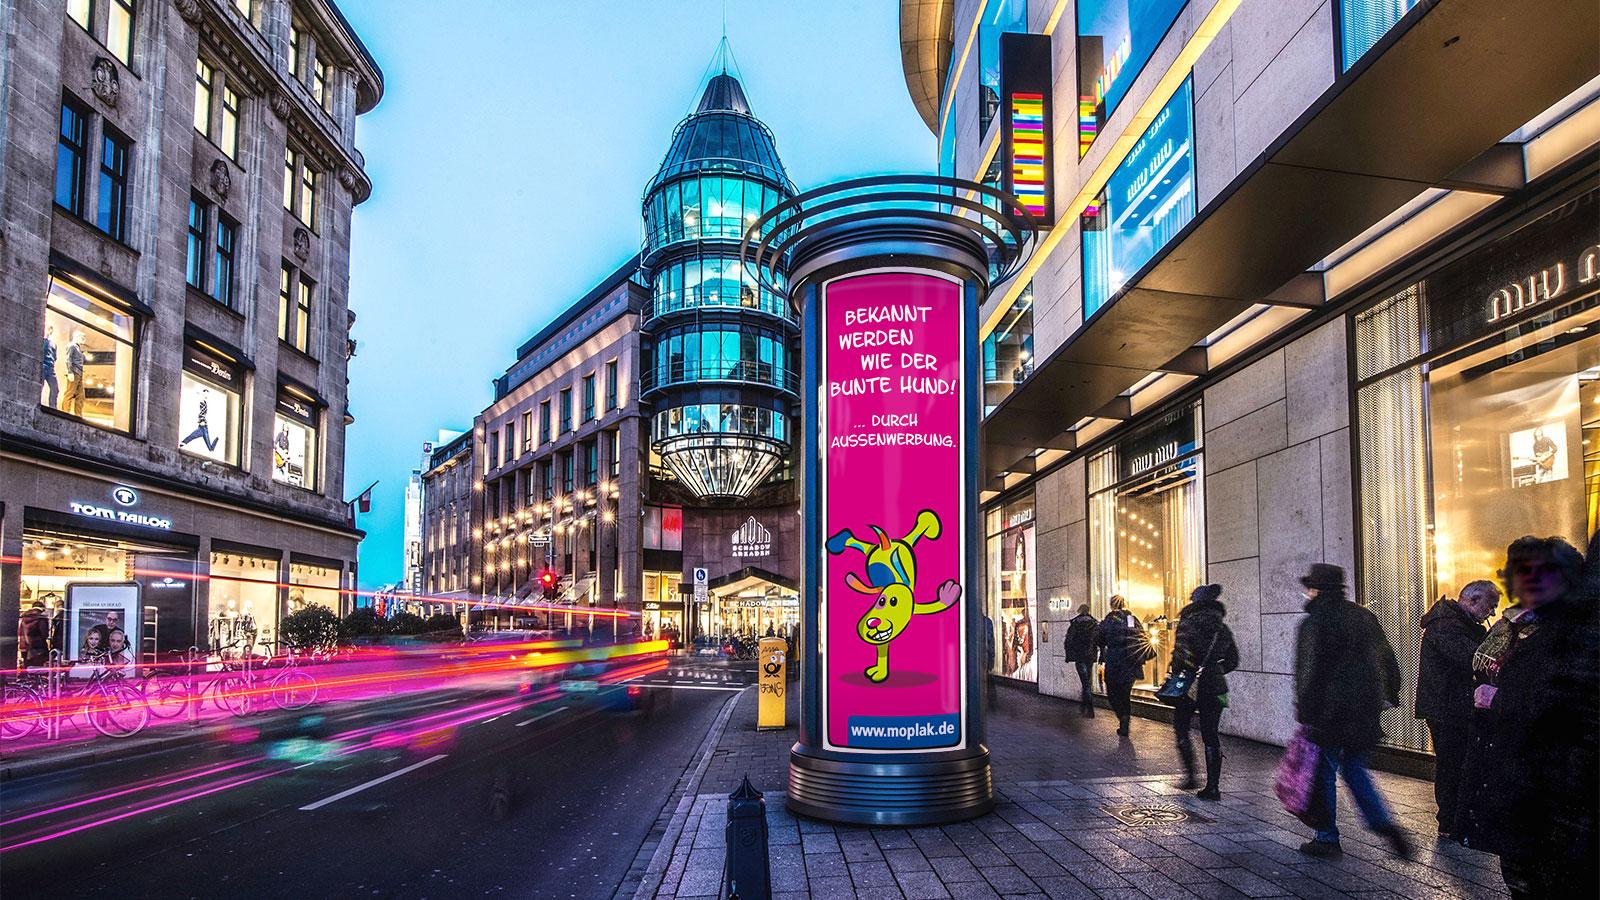 Kassel-Aussenwerbung-Litfasssaeule-Werbung